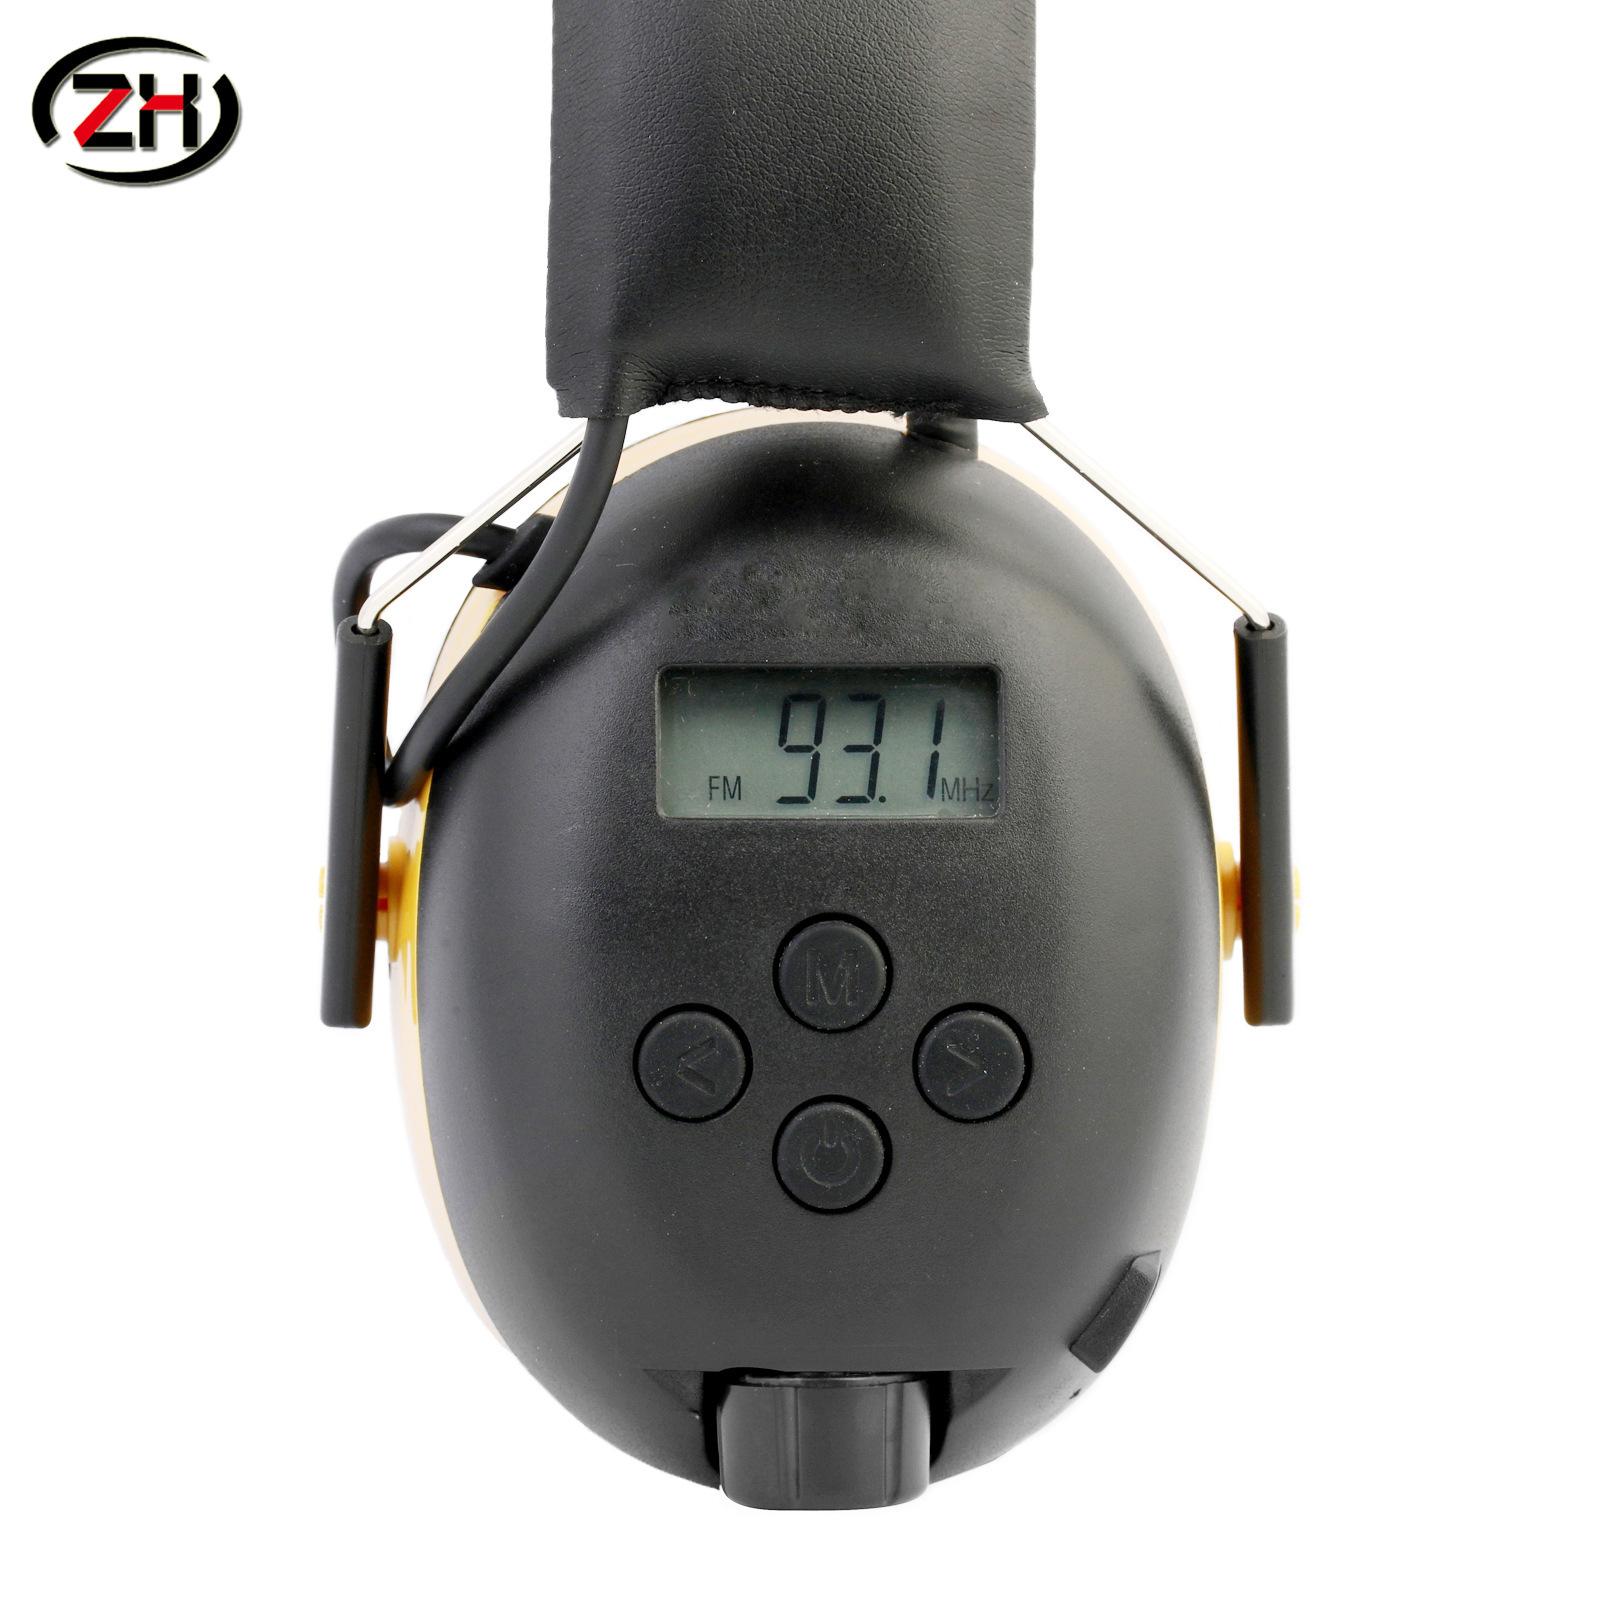 ZH Nút tai chống ồn Nút bịt tai đài FM / AM bảo vệ Giảm tiếng ồn